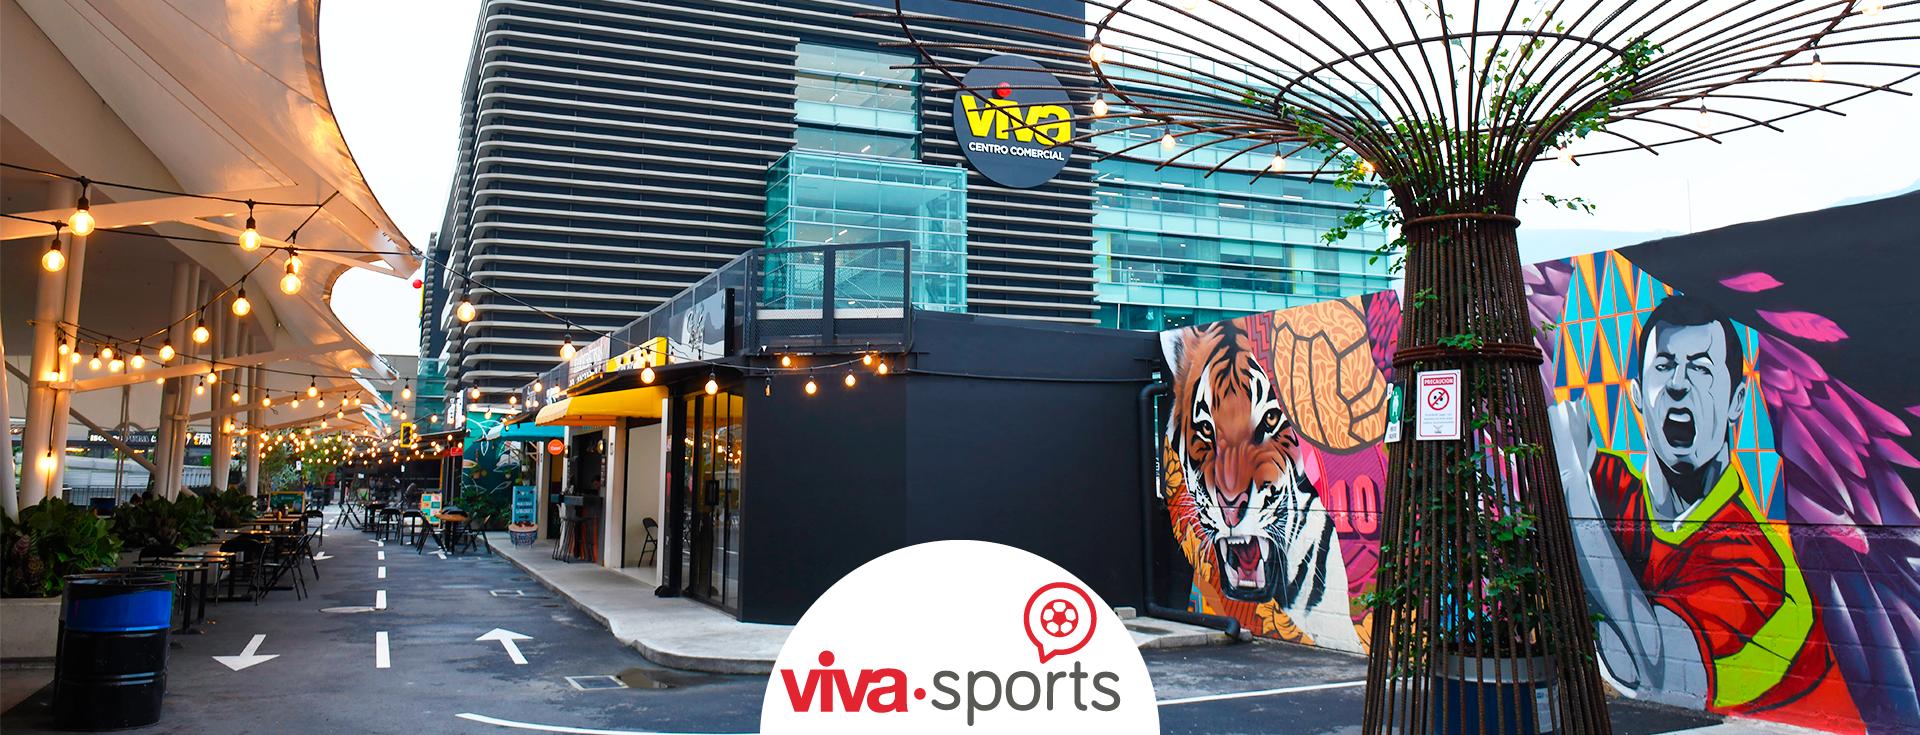 Viva sports - Envigado